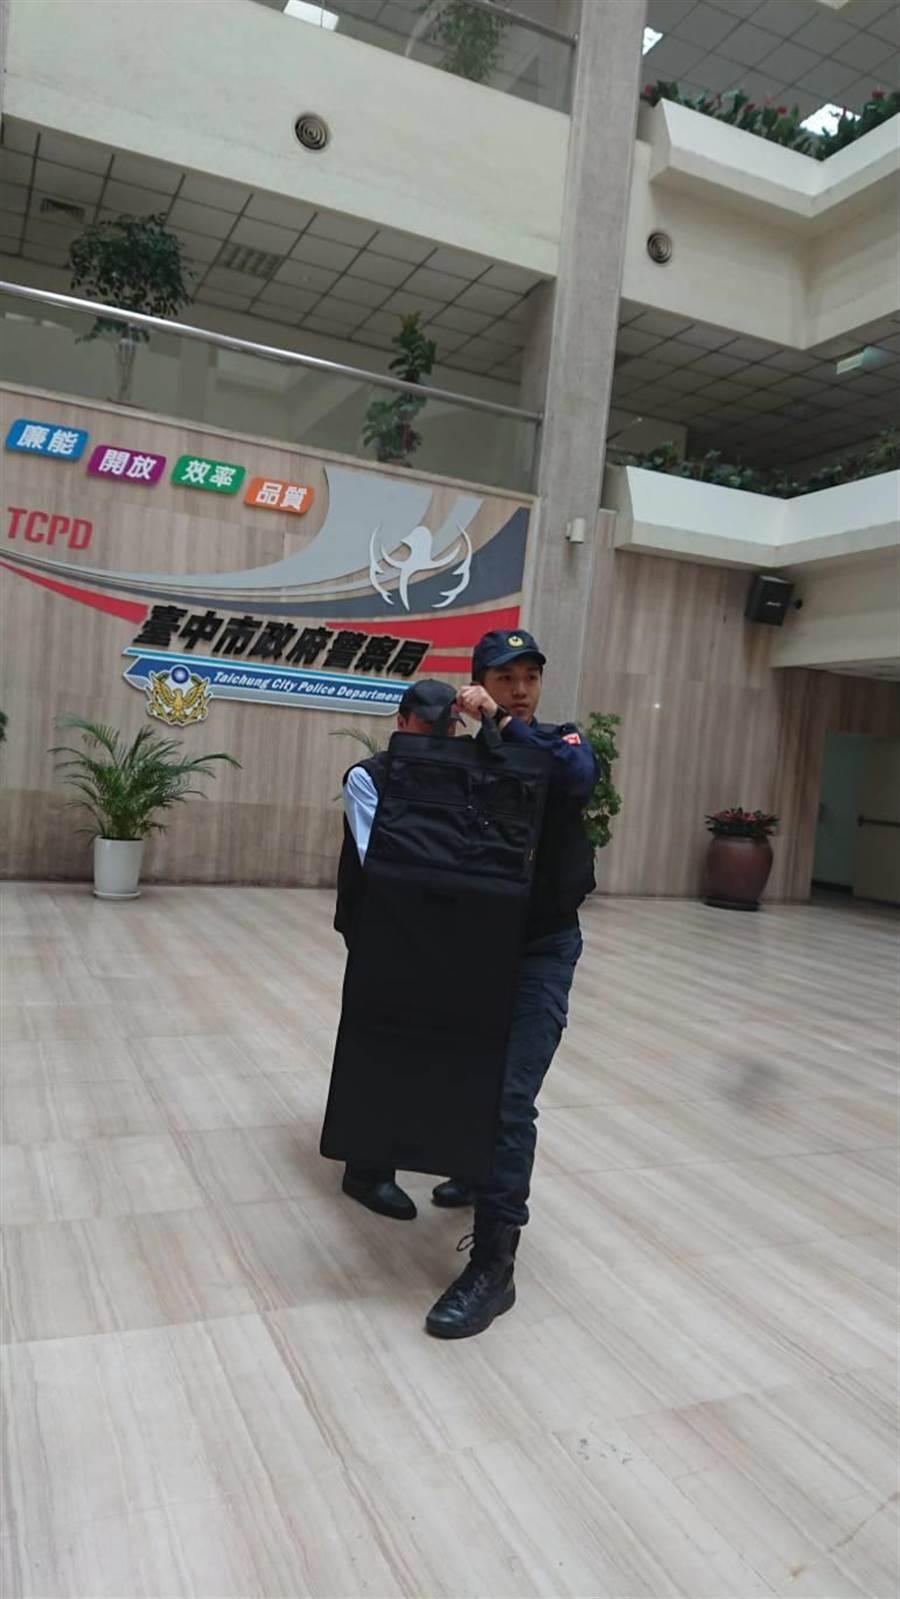 針對此次地方公職人員選舉,台中市警局加強各項維安作為,並於近日針對需要加強安全維護之候選人,增派隨扈維安警力,並提供防彈手提公事包等裝備。(馮惠宜攝)